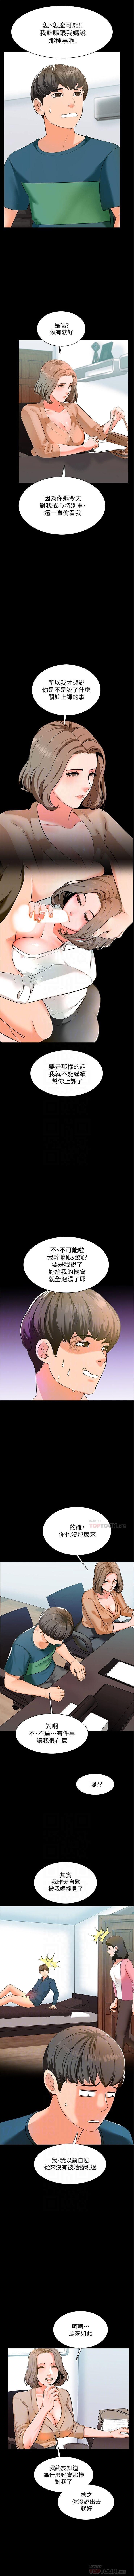 (周1)家教老师  1-13 中文翻译 (更新中) 50